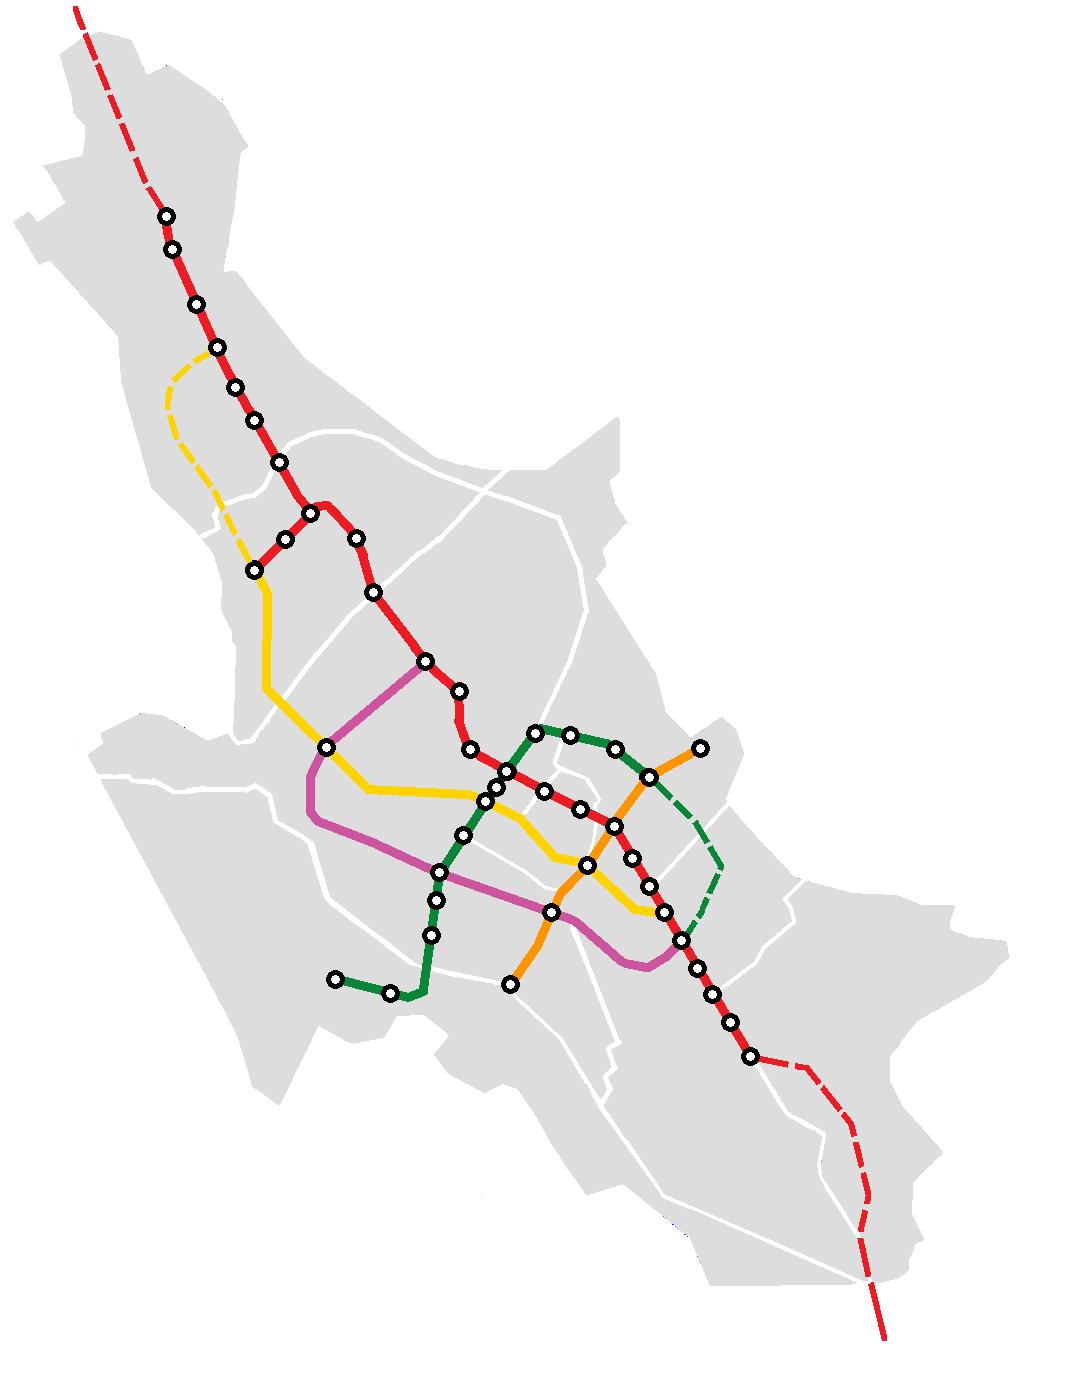 Shiraz Metro שיראז הרכבת התחתית